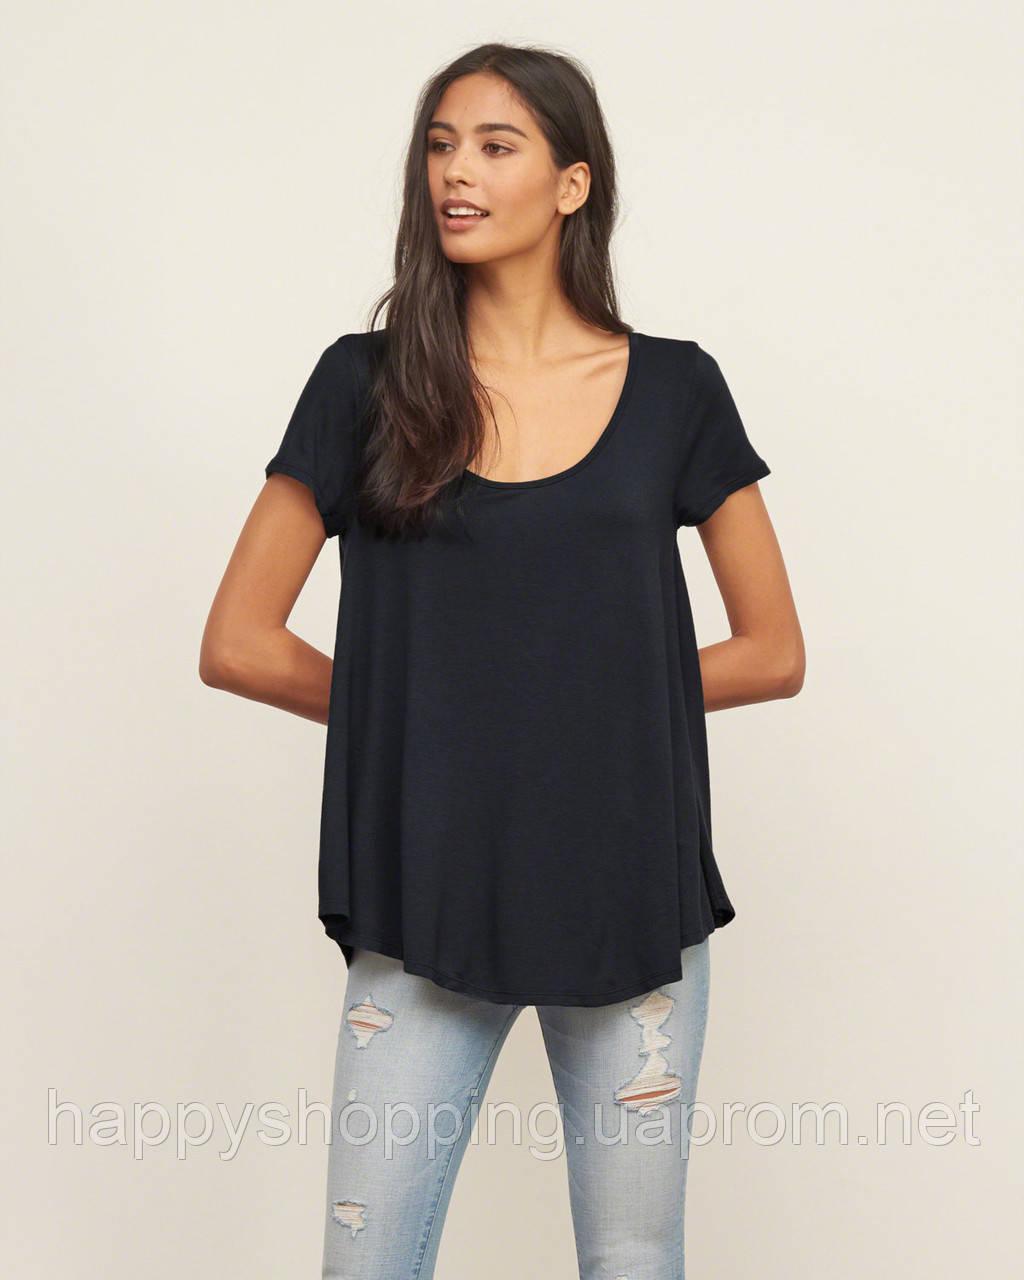 Темно-синяя футболка Abercrombie&Fitch